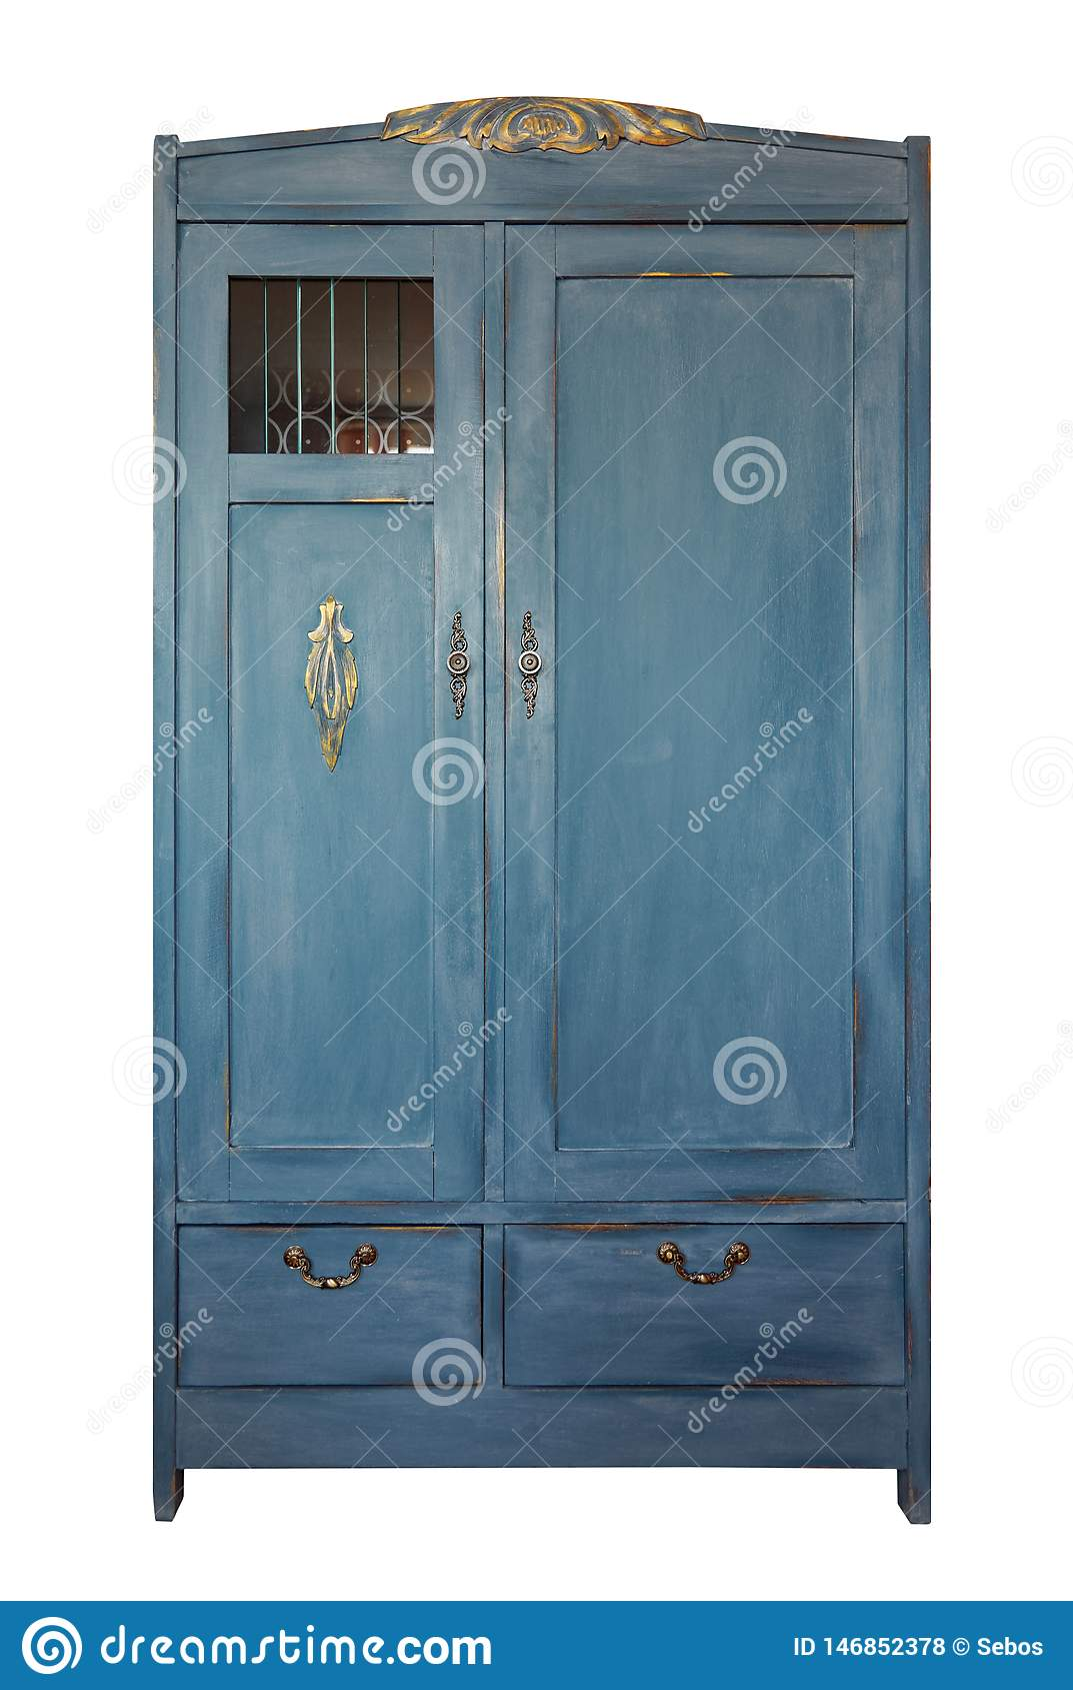 Peindre Un Vieux Meuble En Bois garde-robe de cru, vieux meubles intérieur minable de style